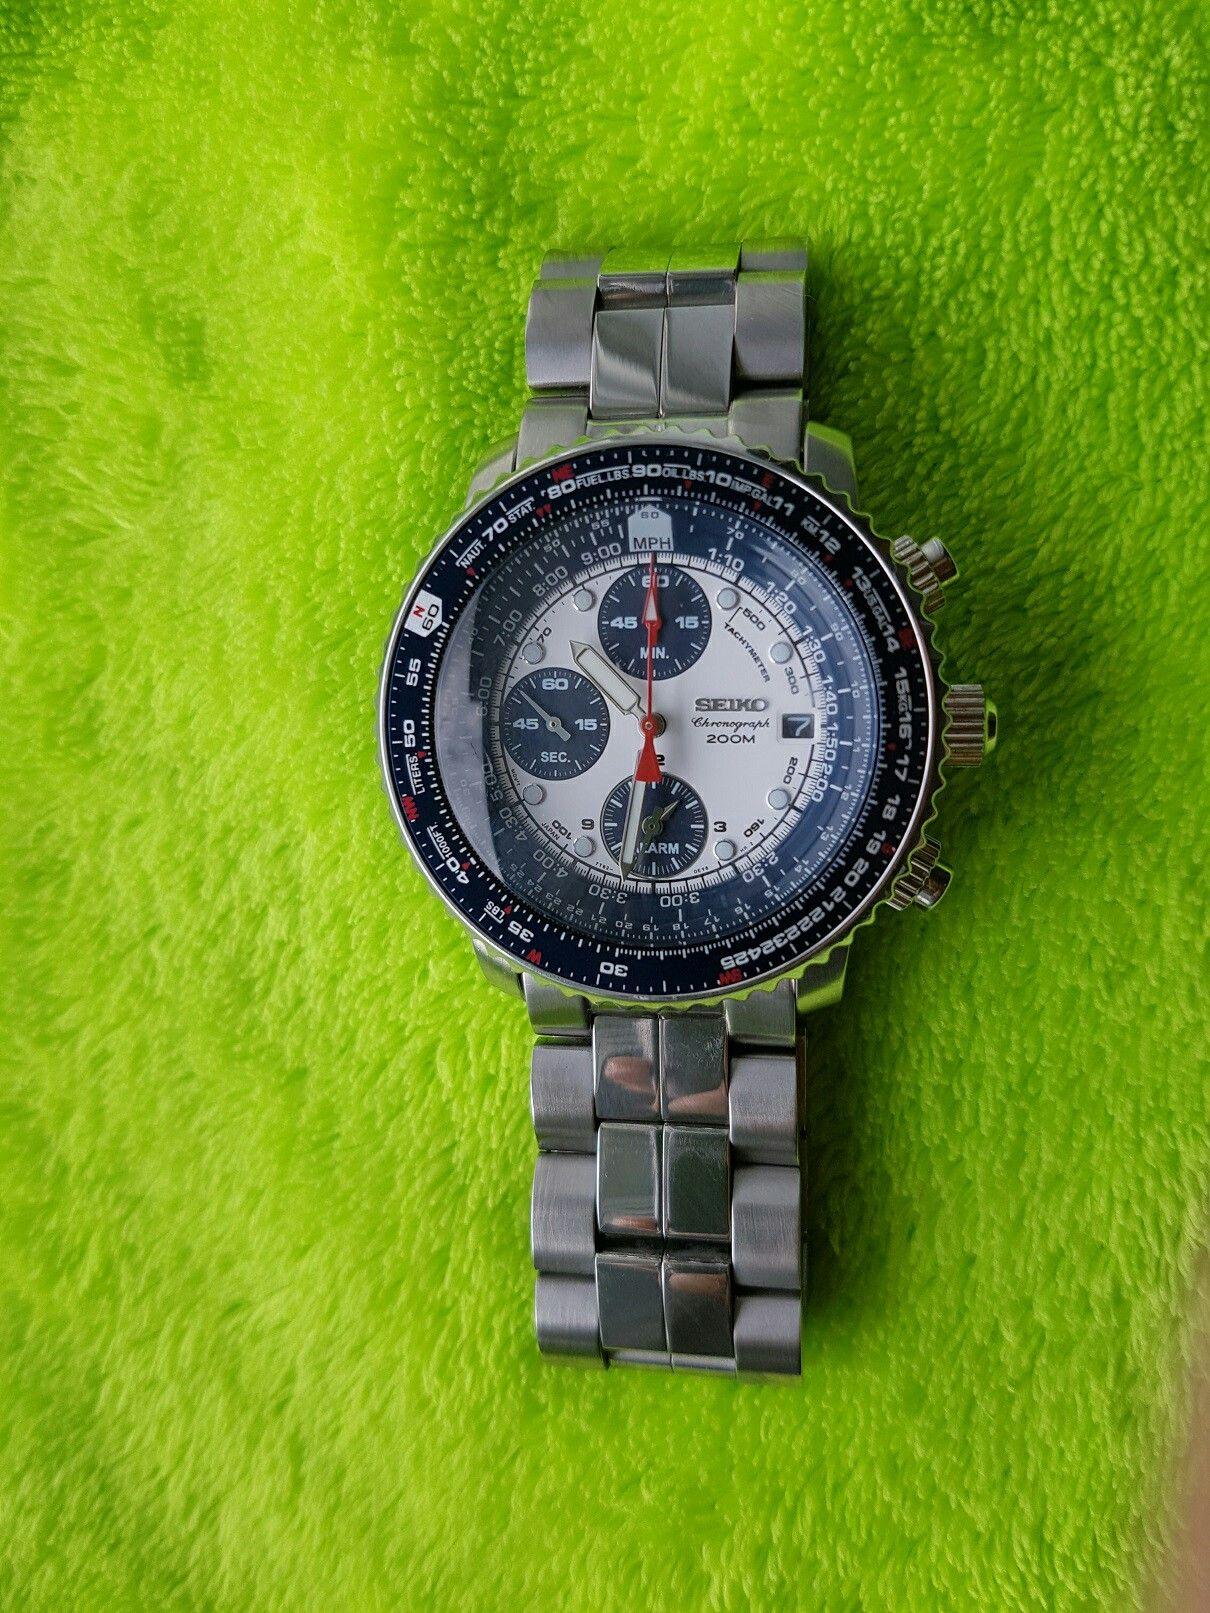 53fdae2207e Seiko flightmaster Sna 413 411 Authentic Watches